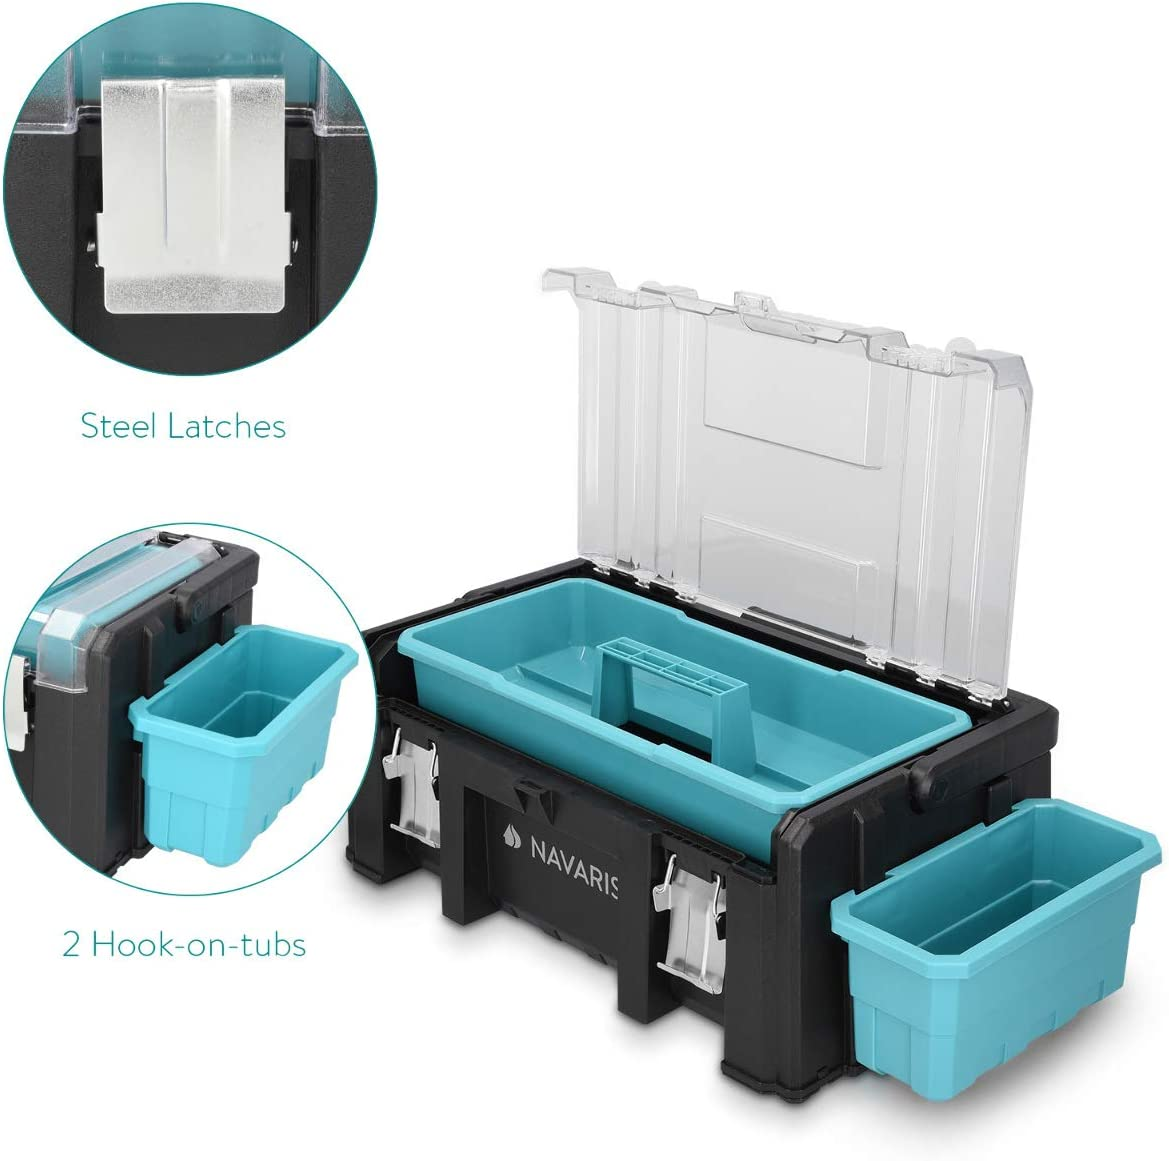 Navaris caja de herramientas de pl/ástico Malet/ín para bricolaje con asa de aluminio Organizador con 2 cierres de acero y 1 bandeja extra/íble